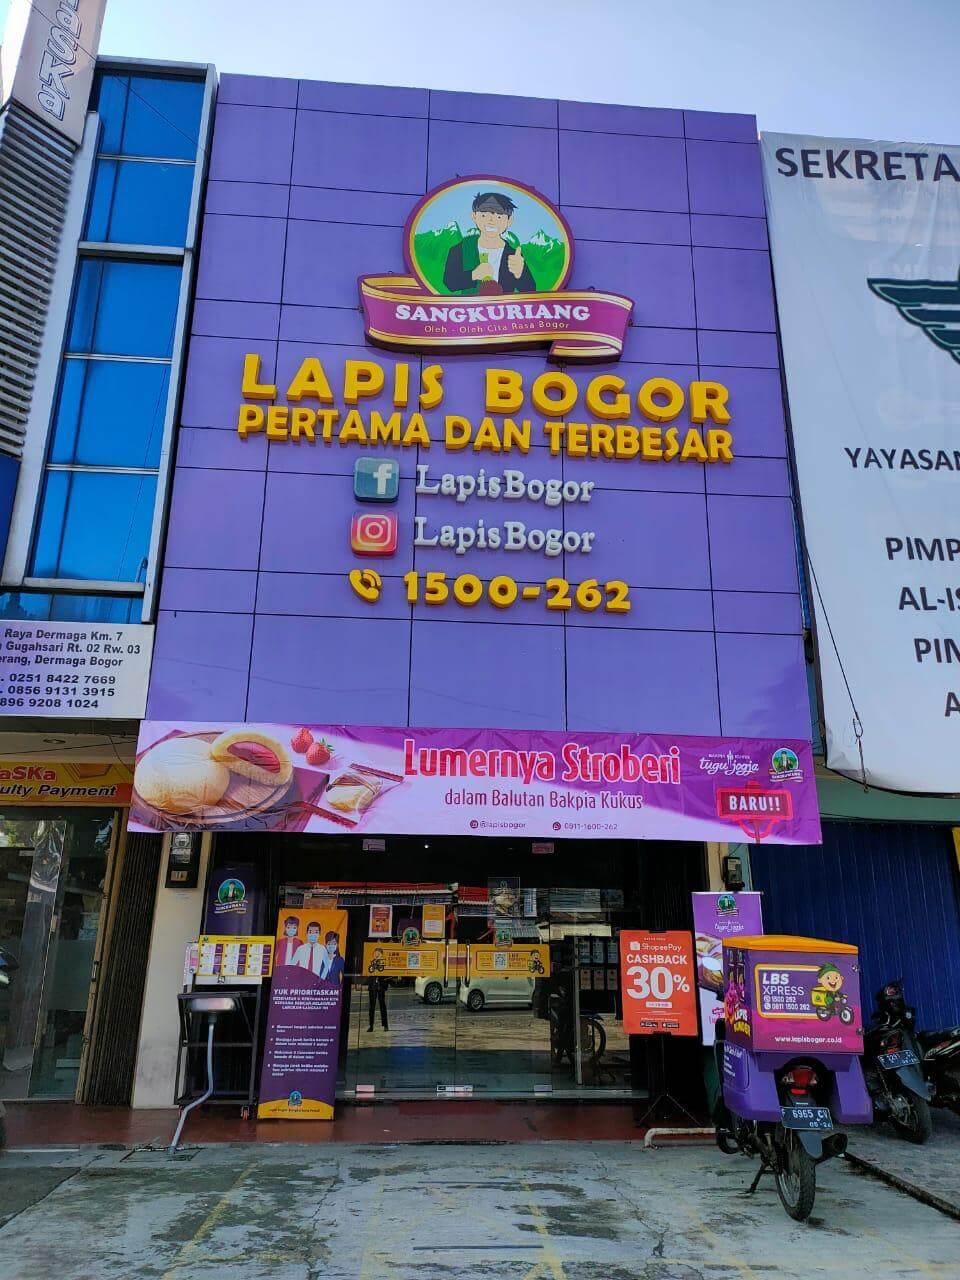 Lapis Bogor Dramaga